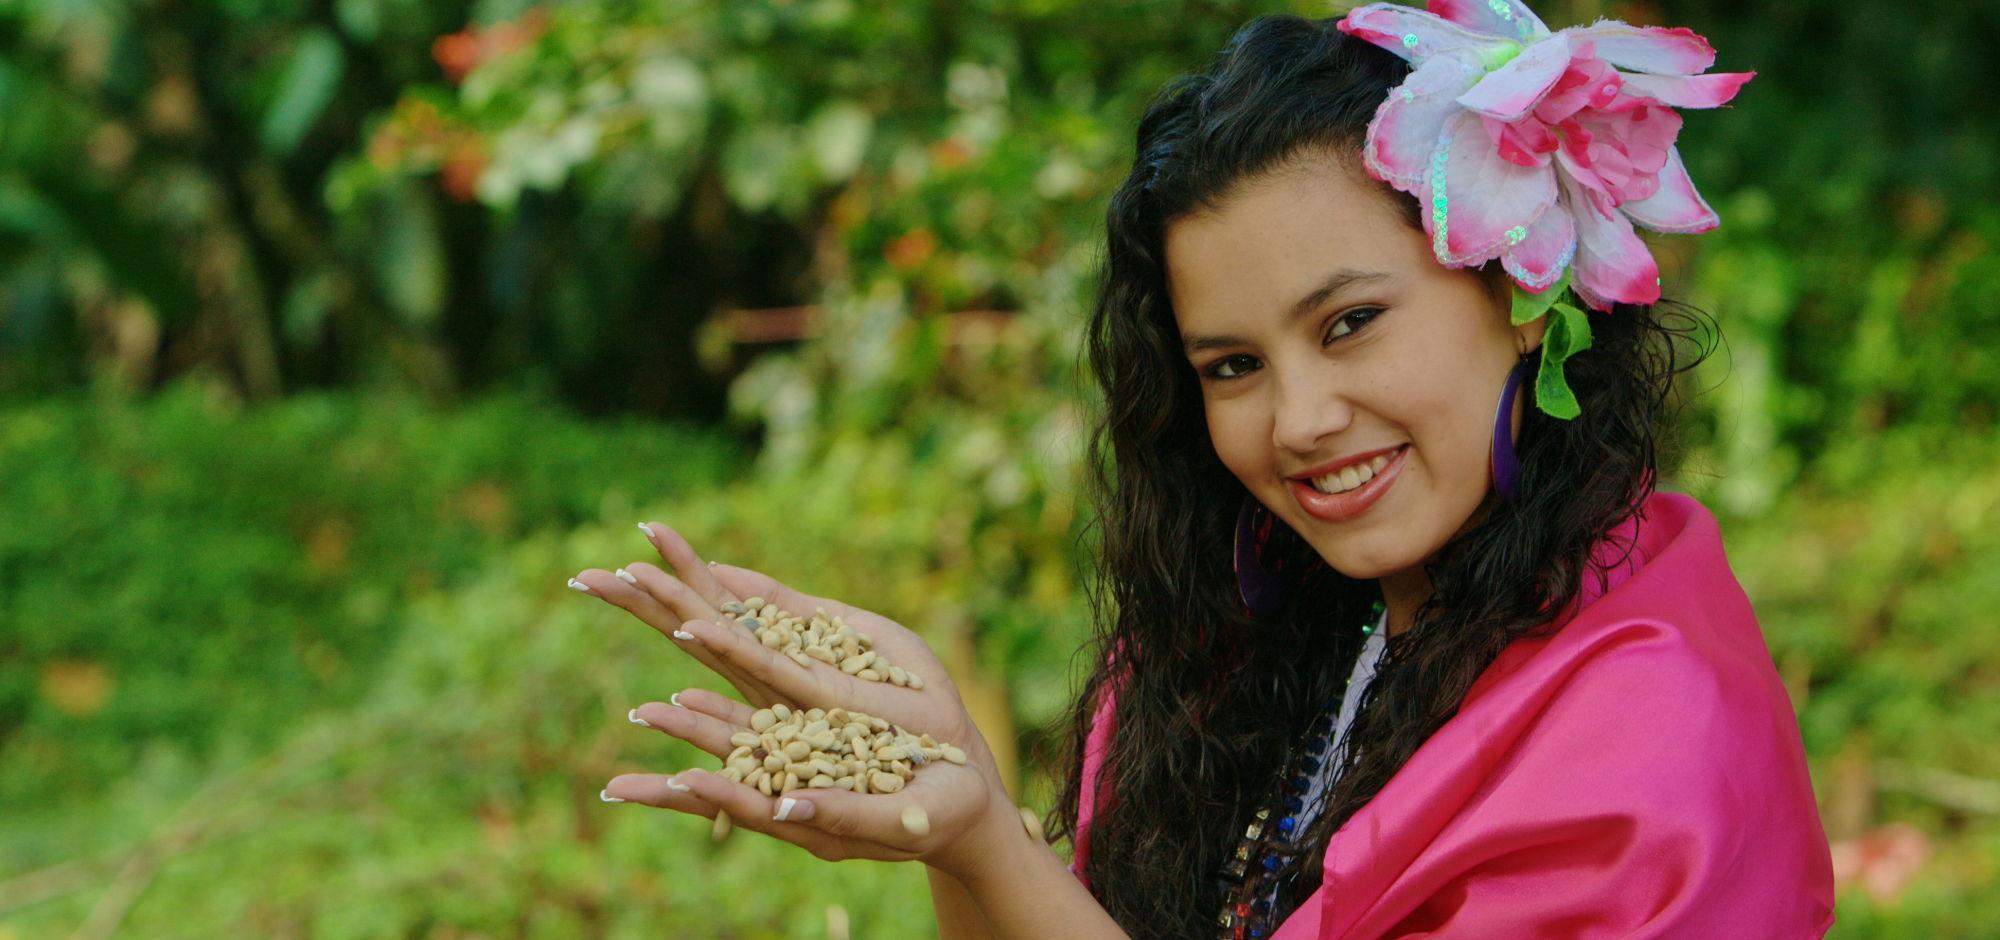 Chica-Ruta-del-Café-e1444166771888